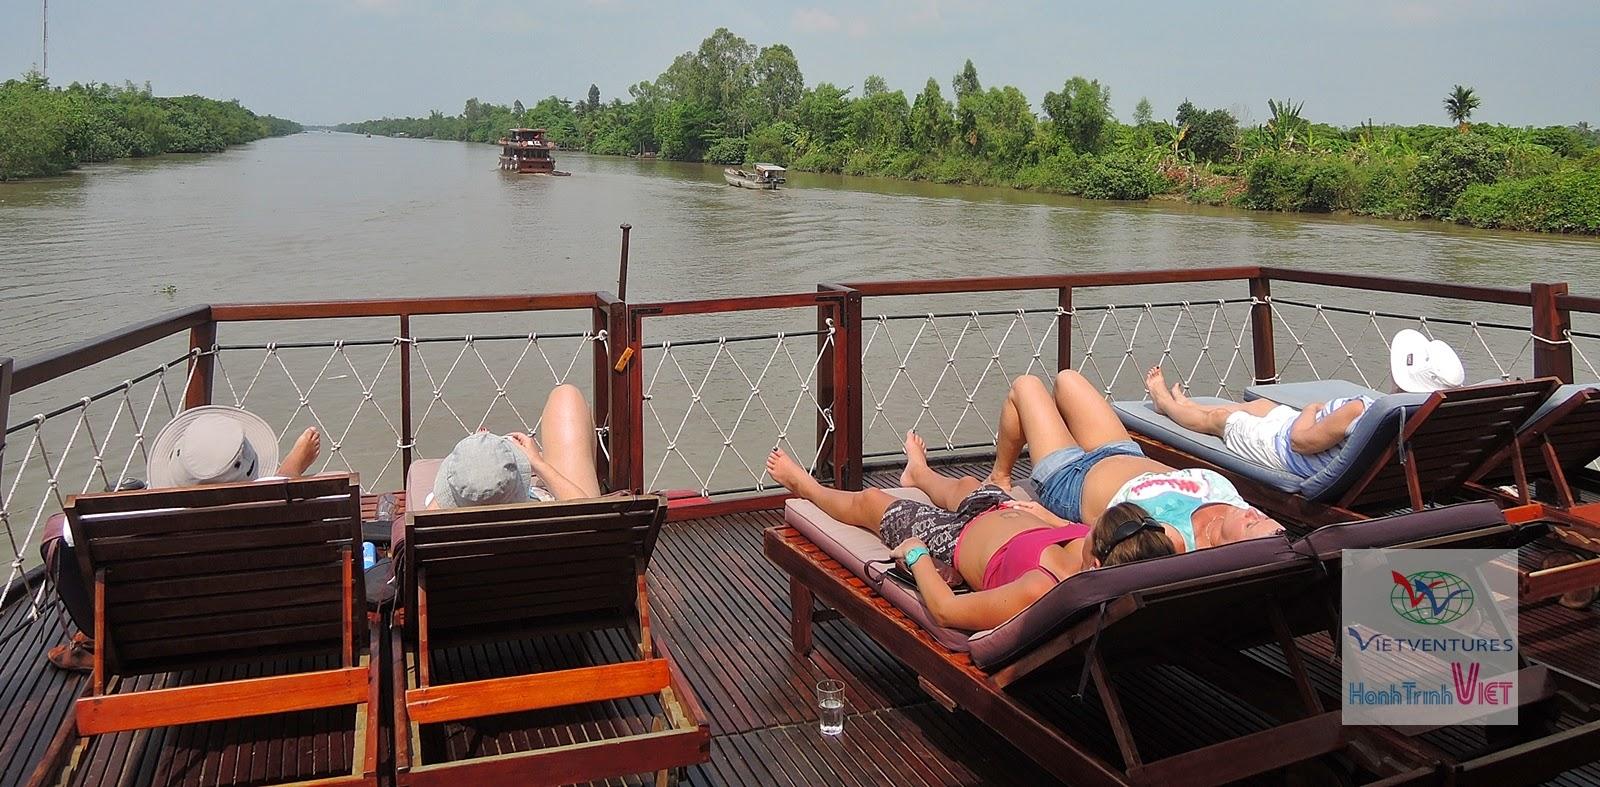 Khám phá tour ngủ đêm trên tàu ở Mekong